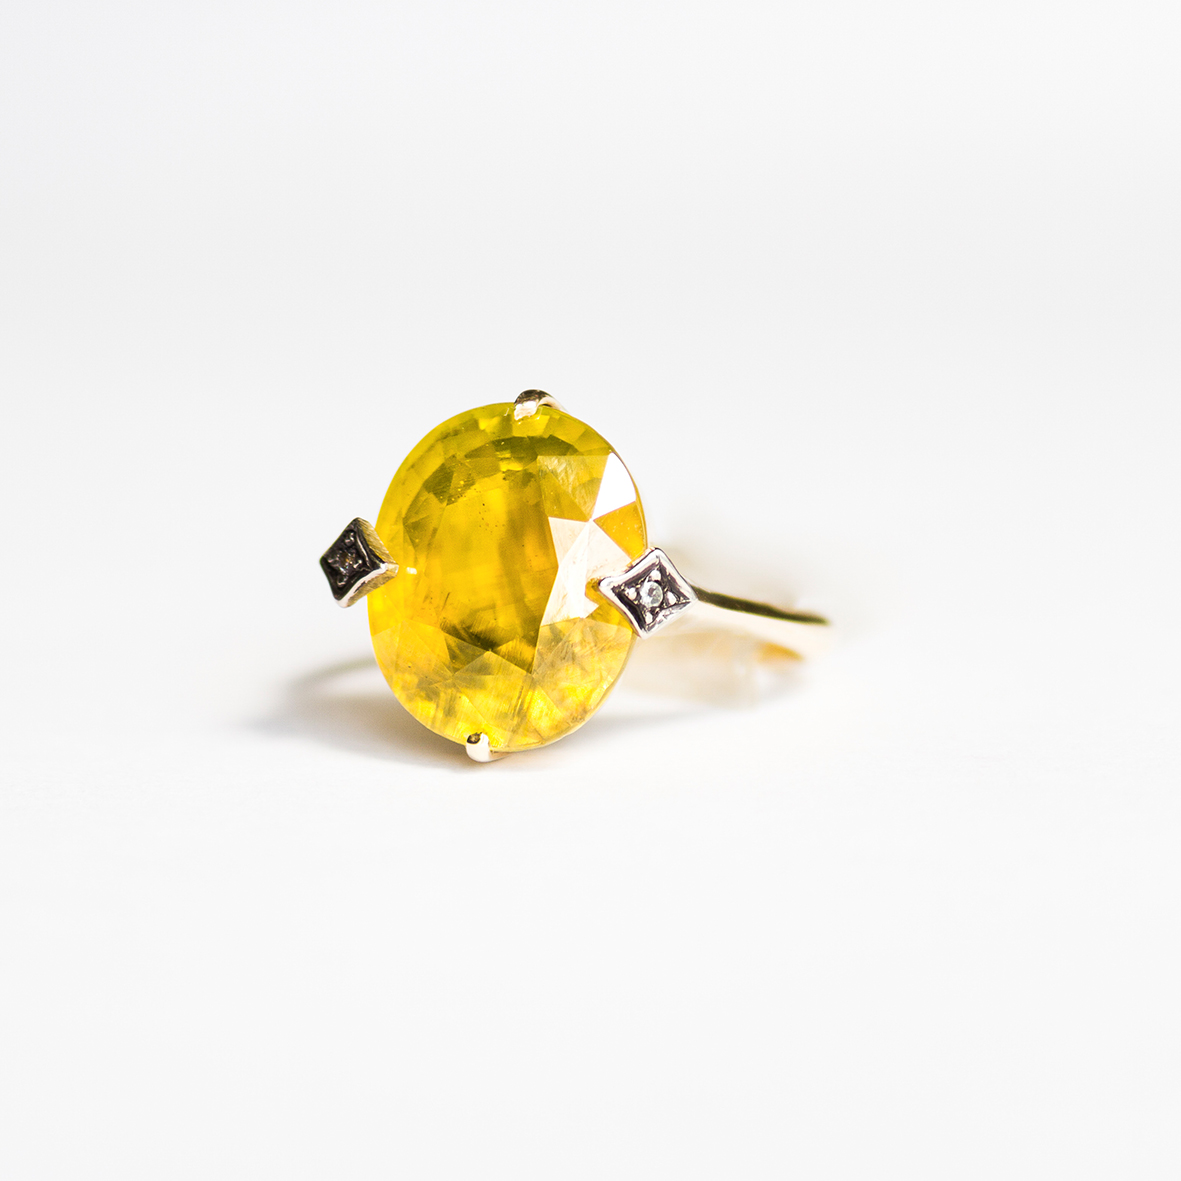 2. OONA_gems of ceylon_ficha2_yellow tourmaline ring